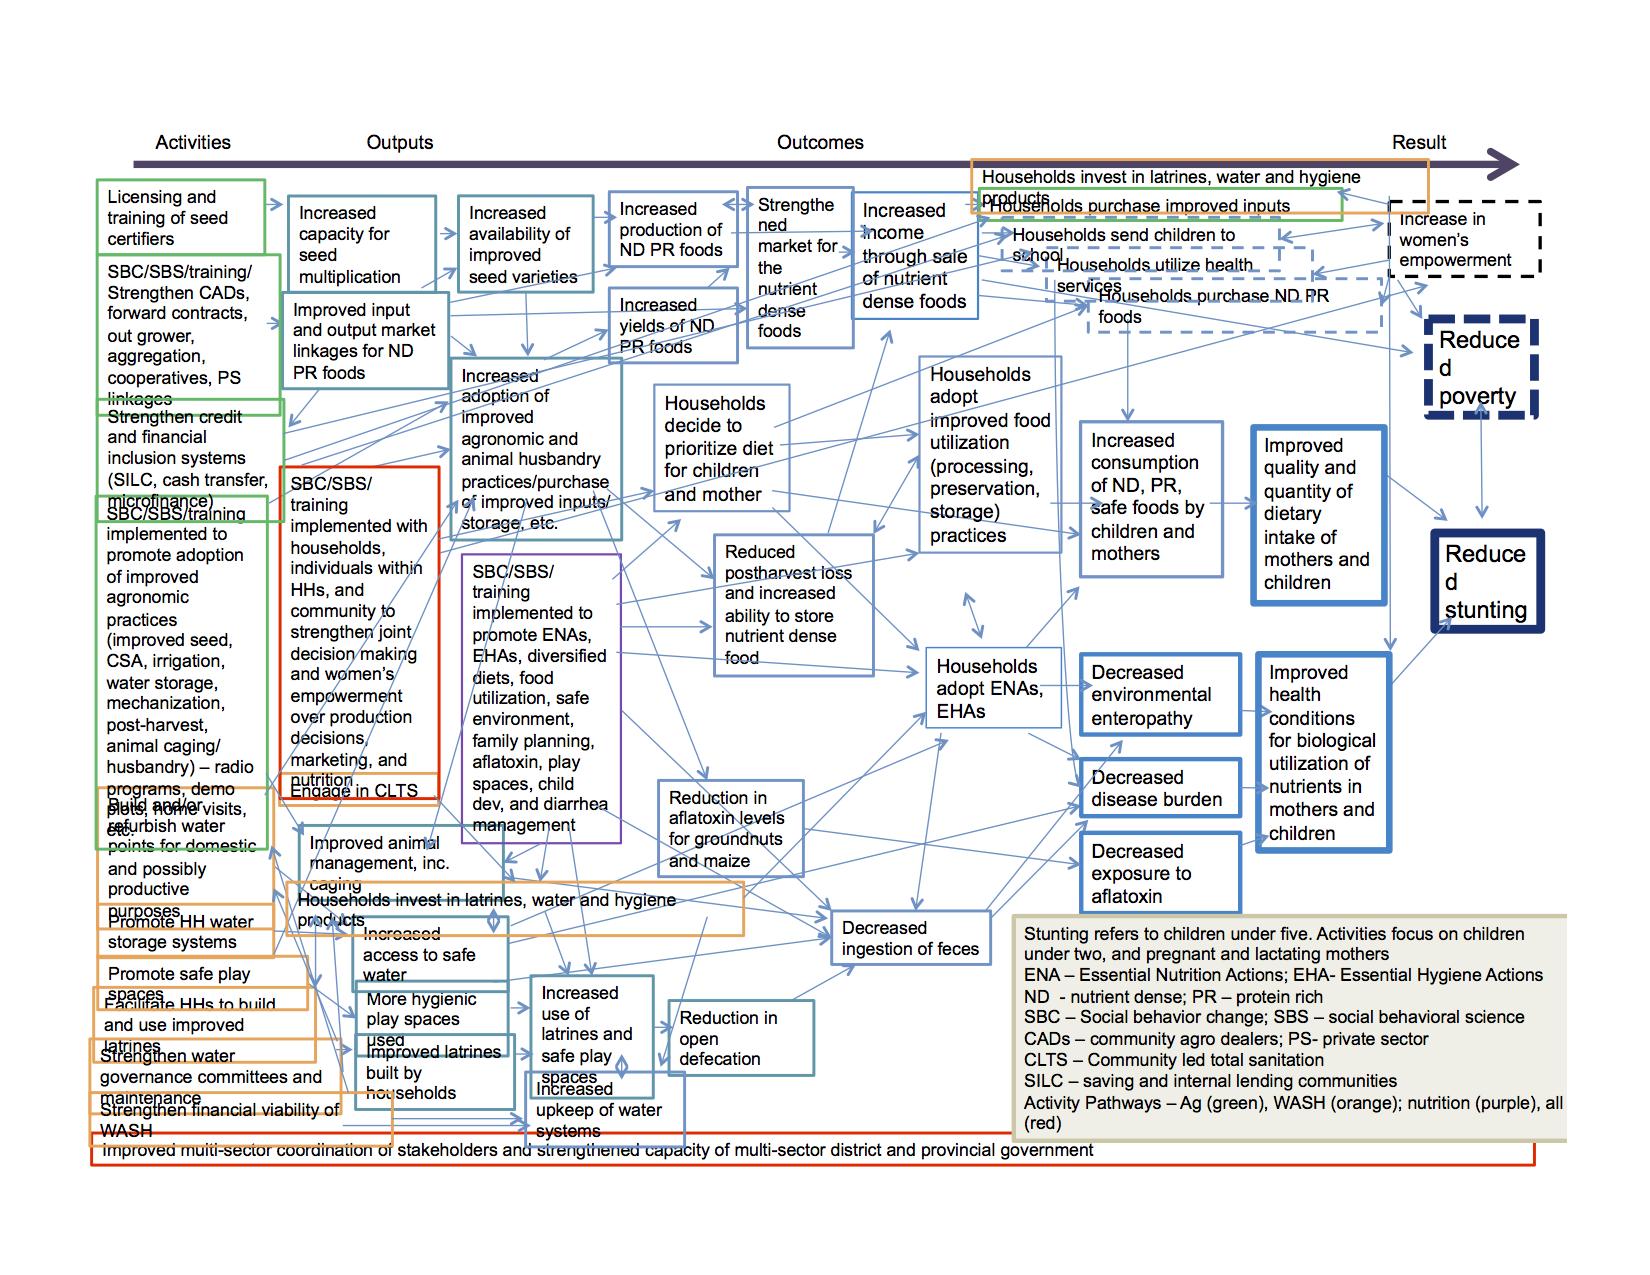 USAID Theory of Change